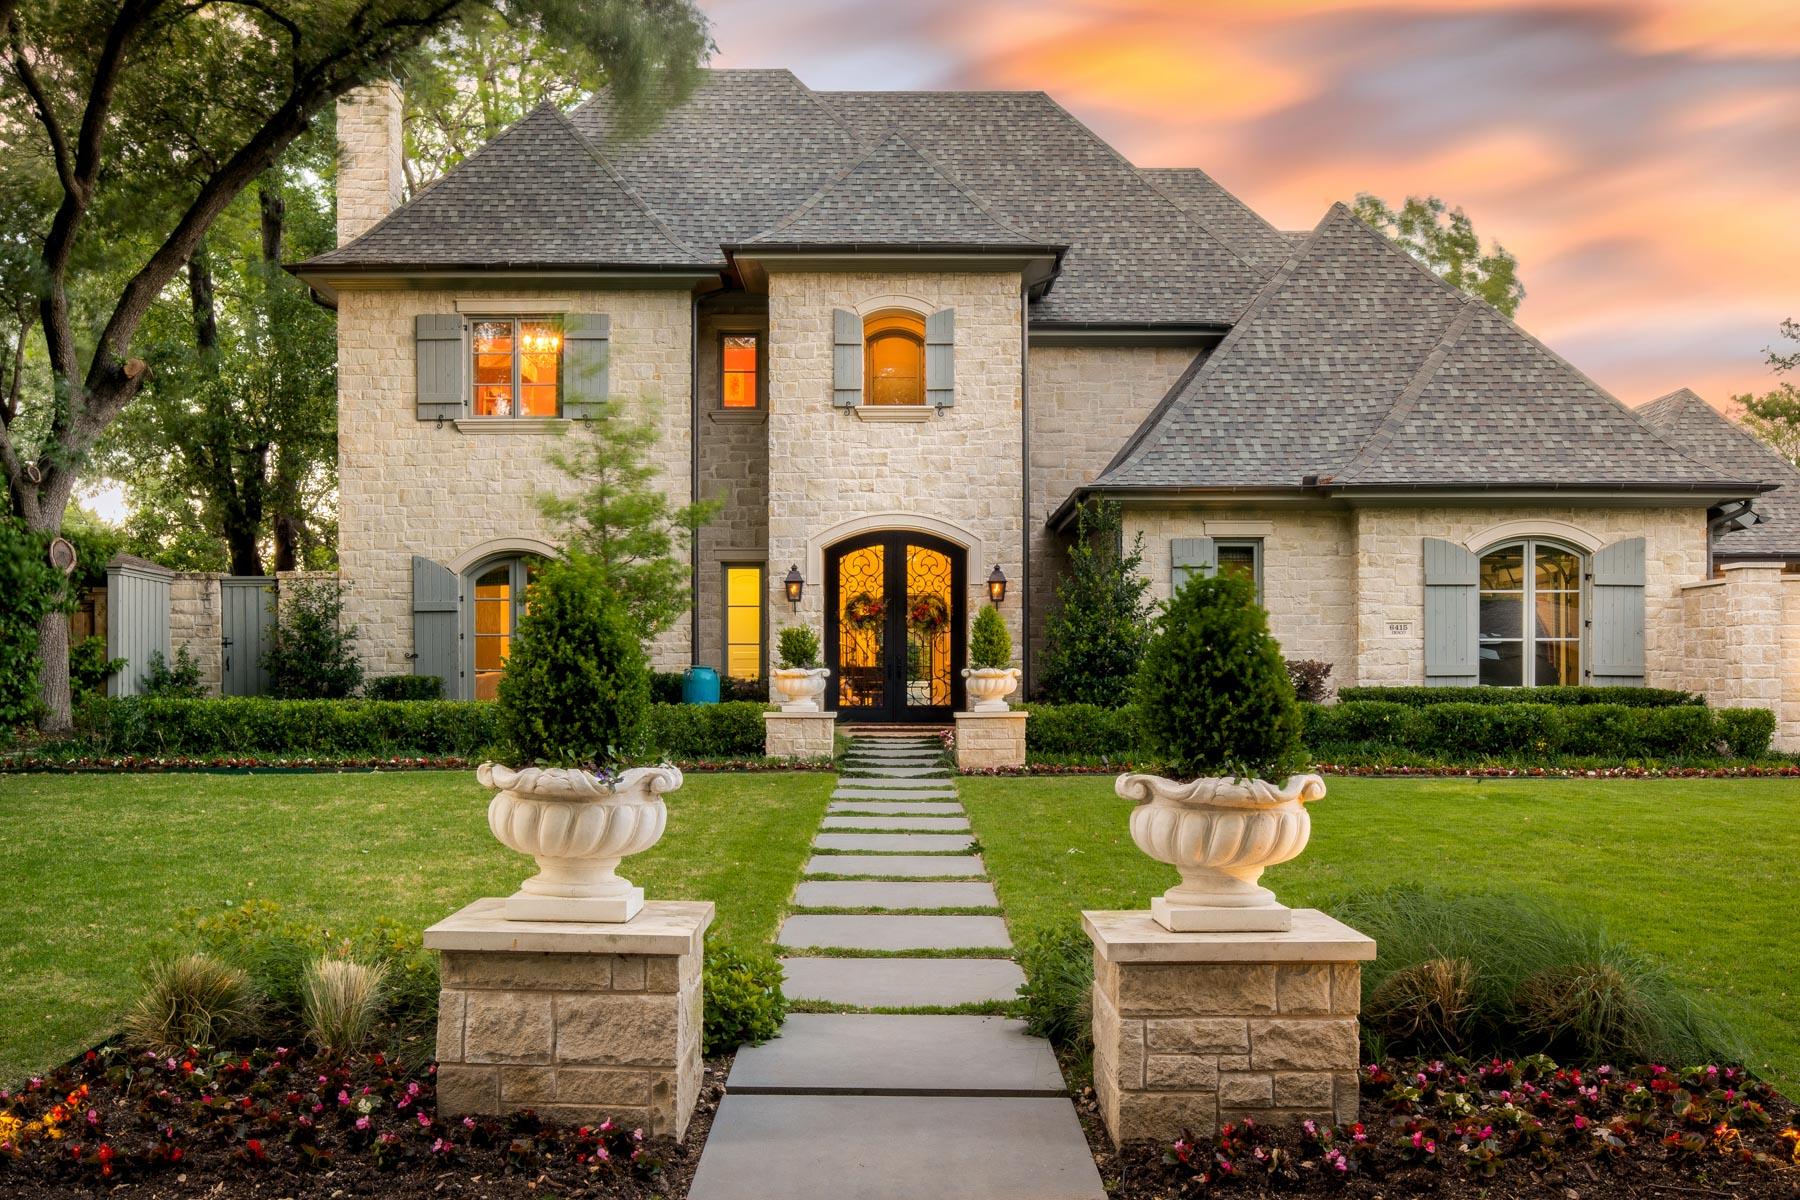 一戸建て のために 売買 アット Preston Hollow Traditional 6415 Desco Dr Dallas, テキサス, 75225 アメリカ合衆国